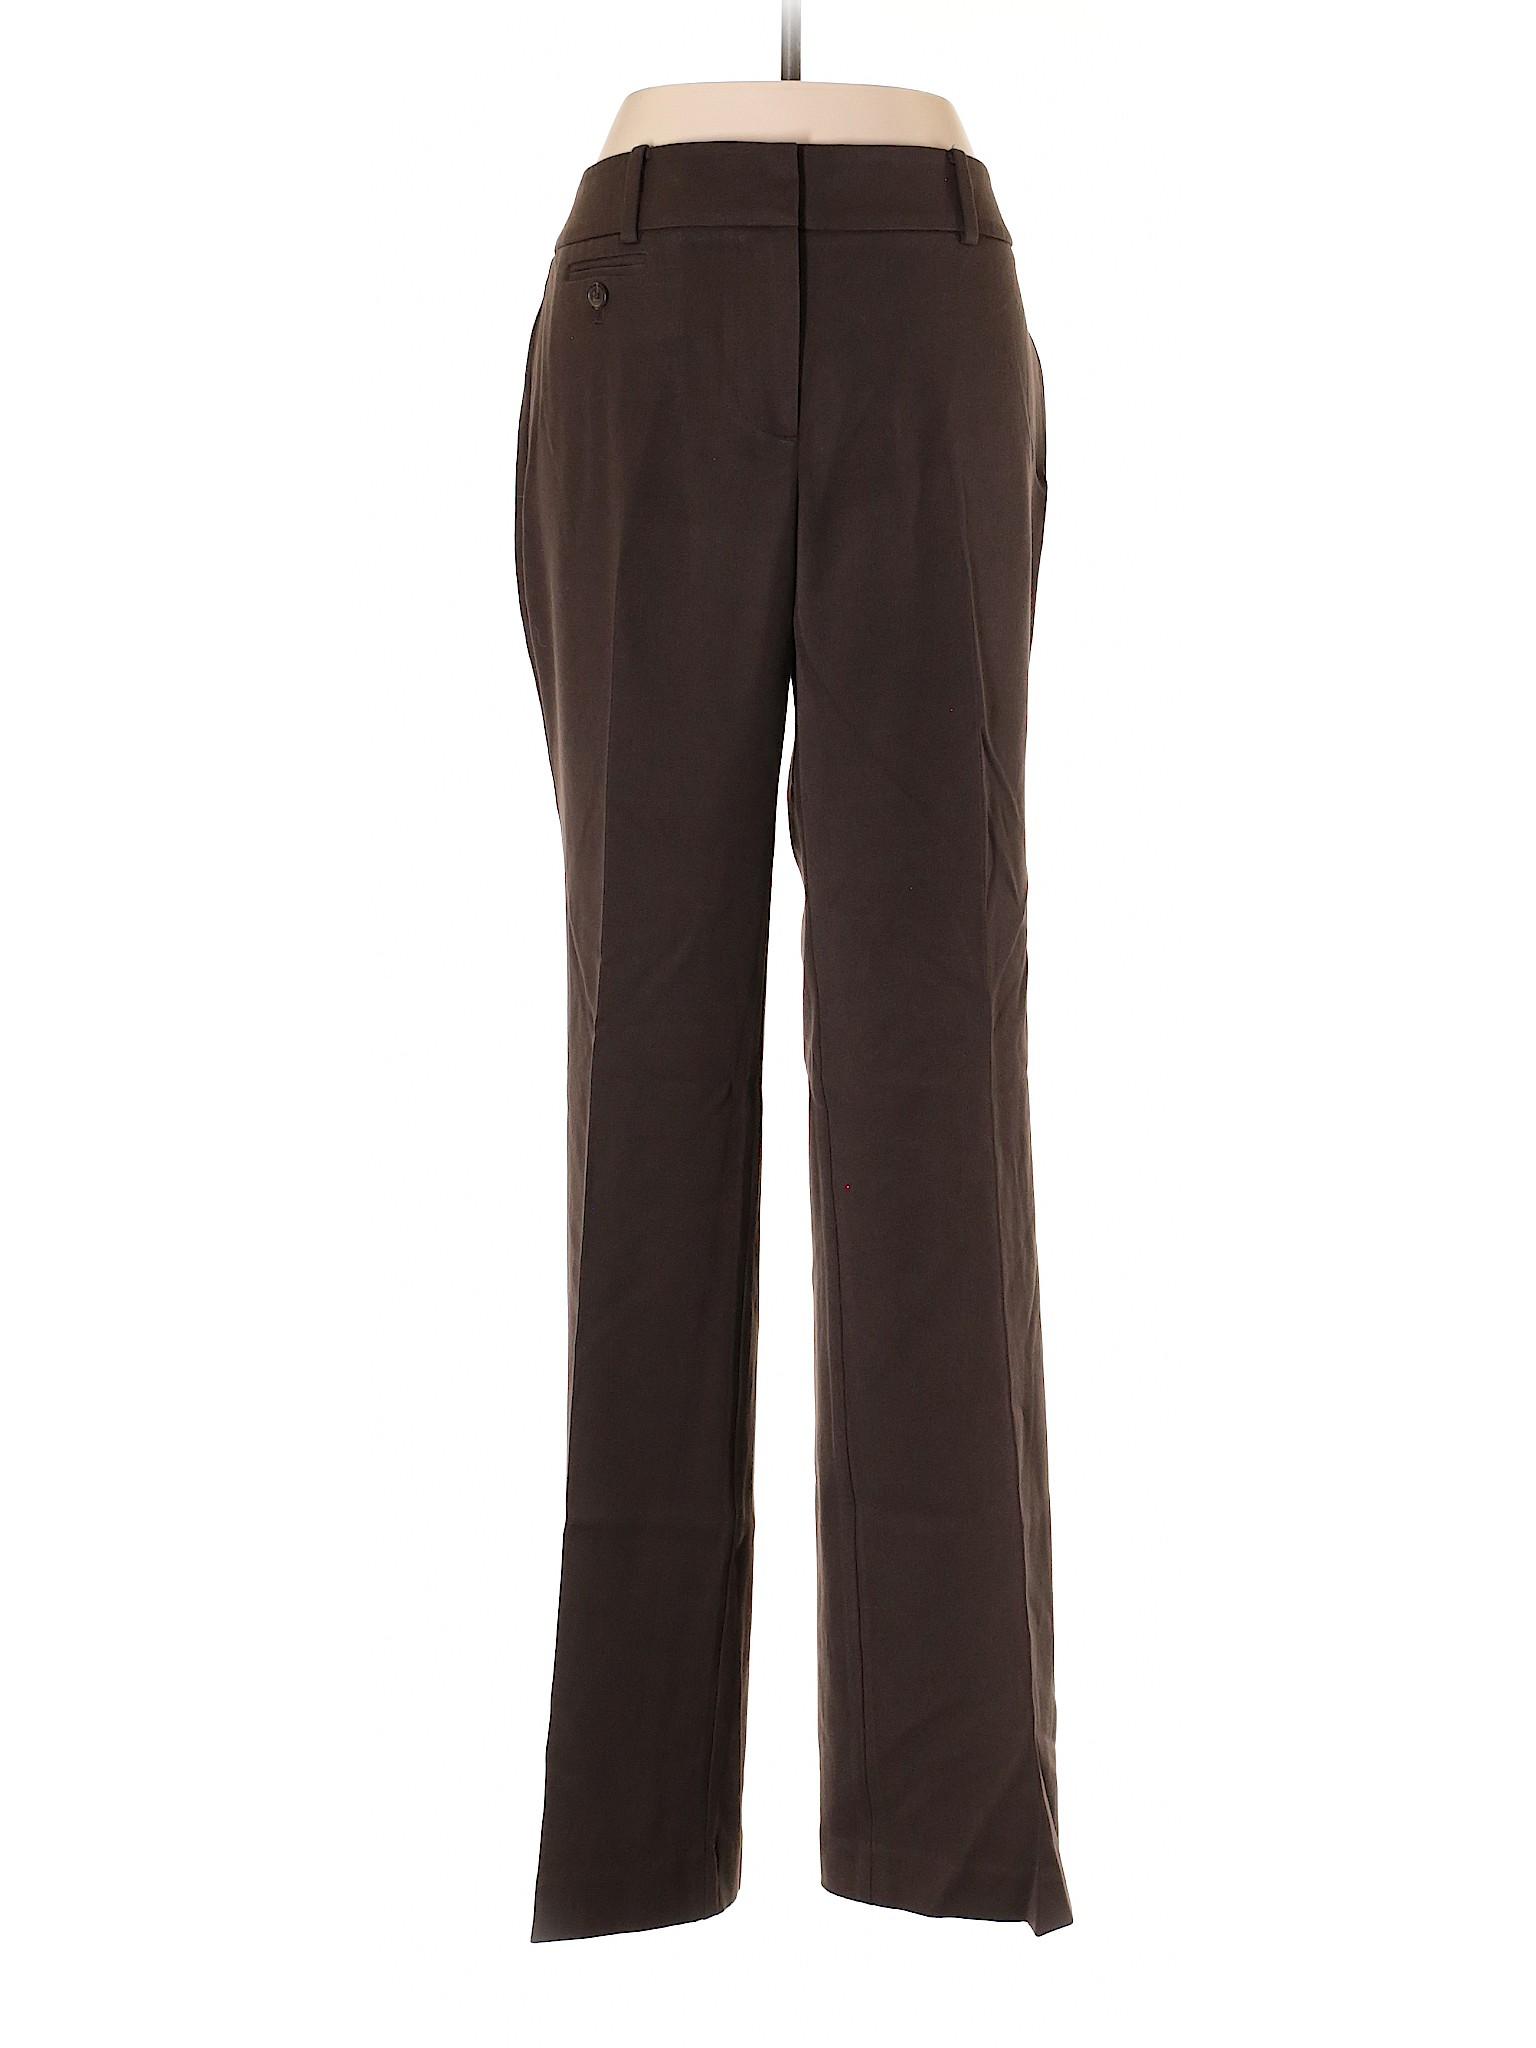 Winter Taylor Factory Pants Leisure Ann Dress dtqxwwEf